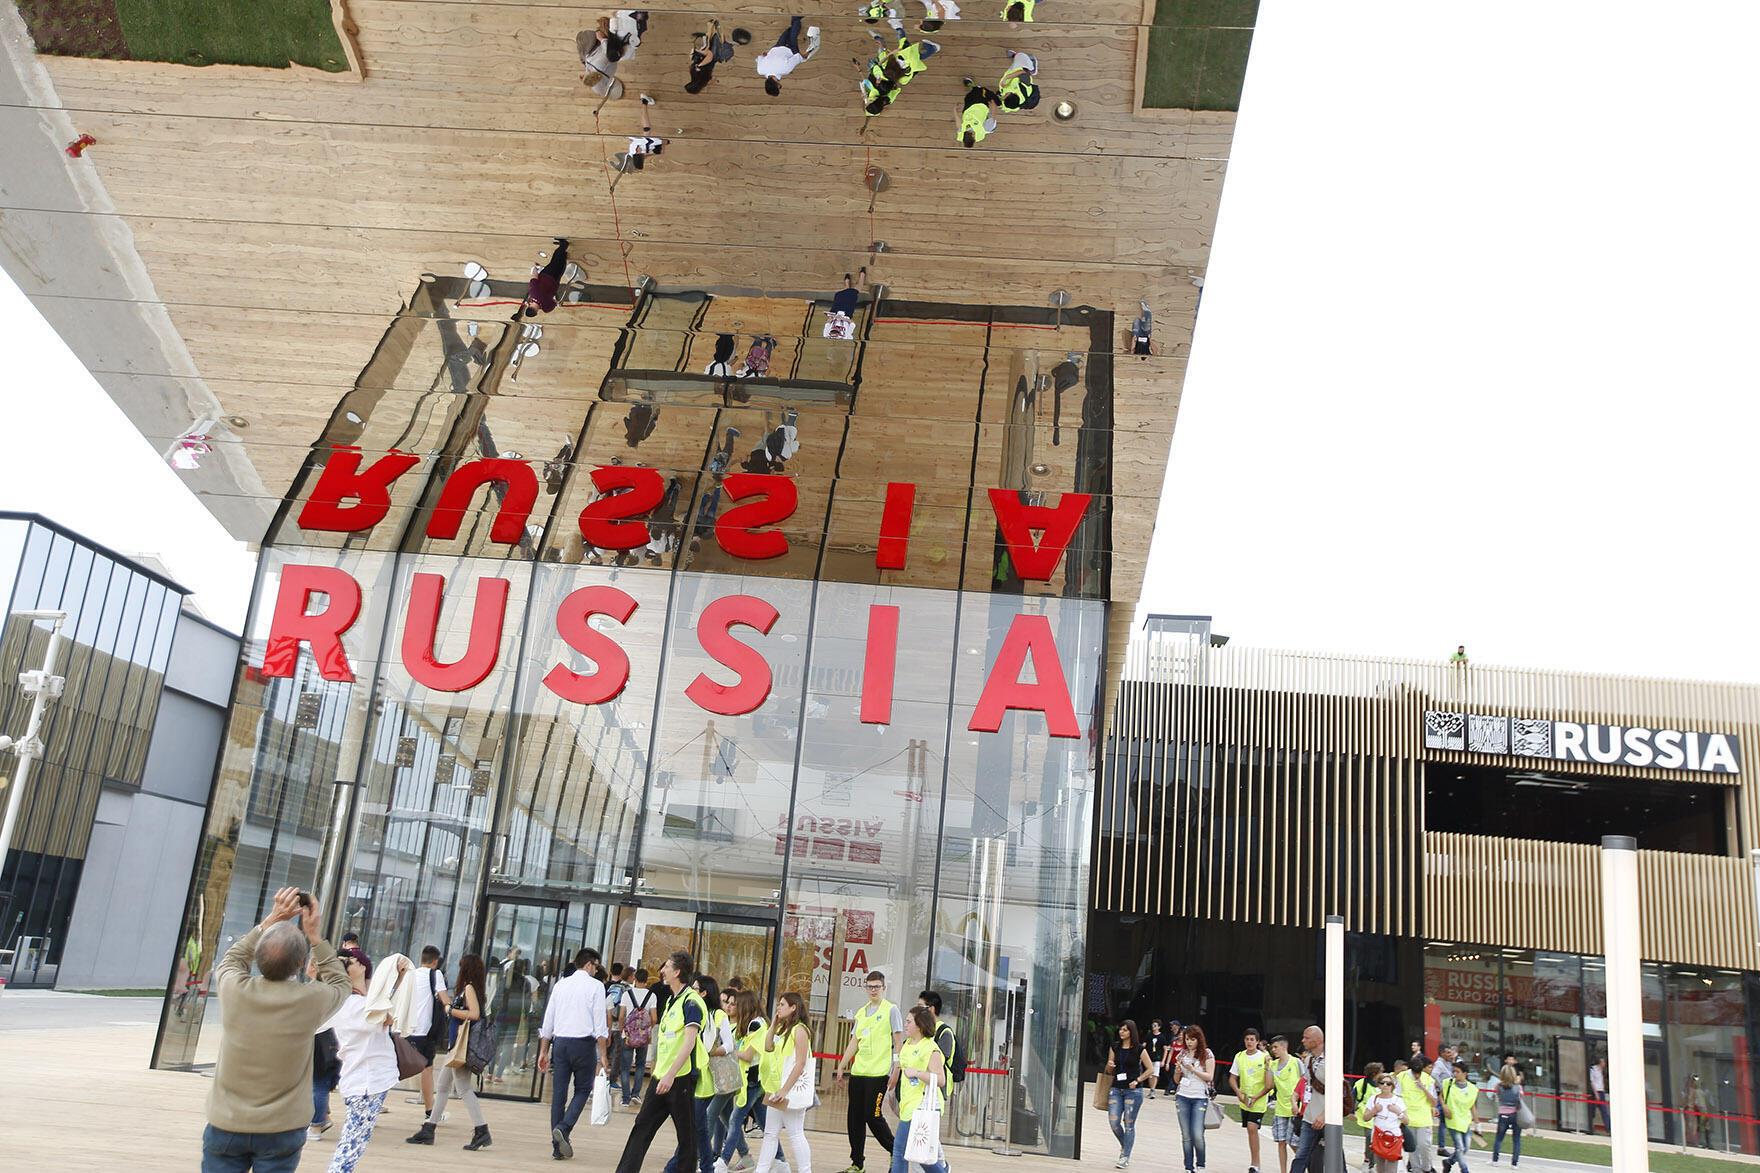 Российский павильон на Всемирной выставке в Милане